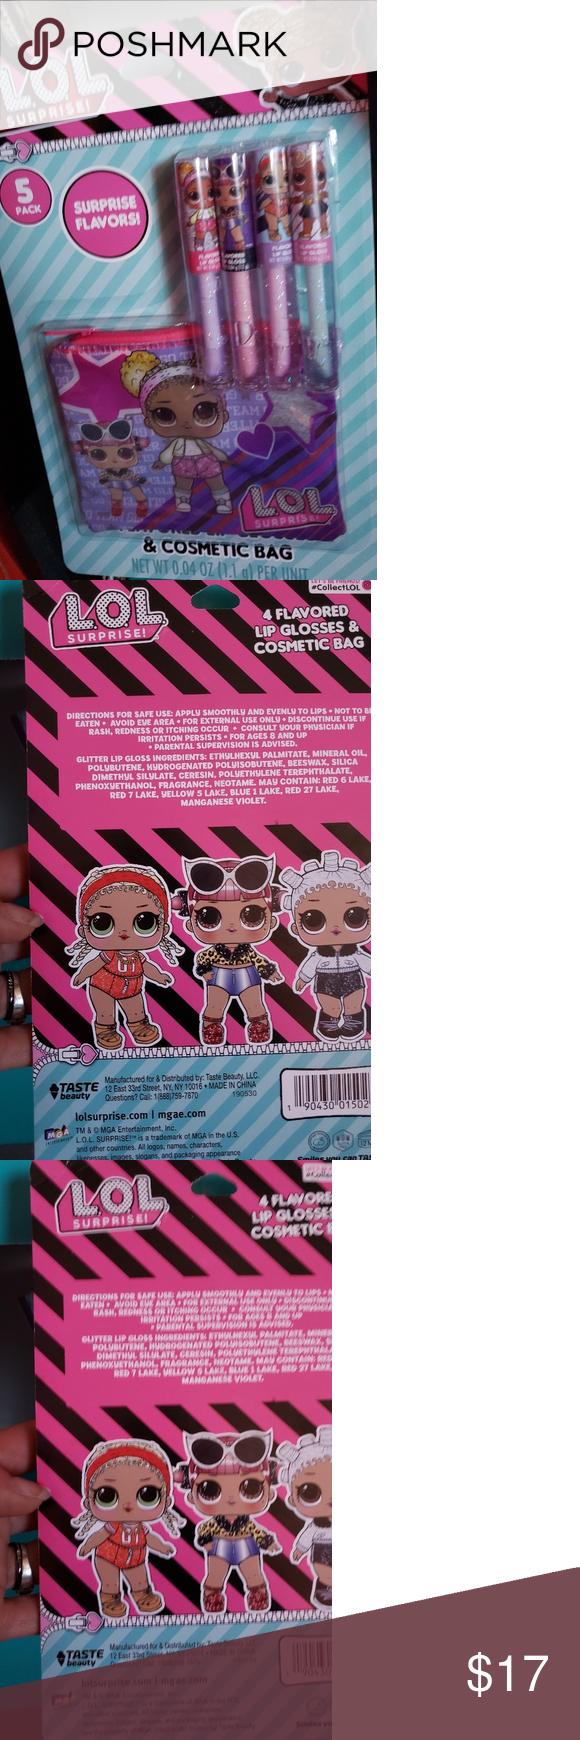 Lol surprise 5 pce set bundle nwt (With images) Cute